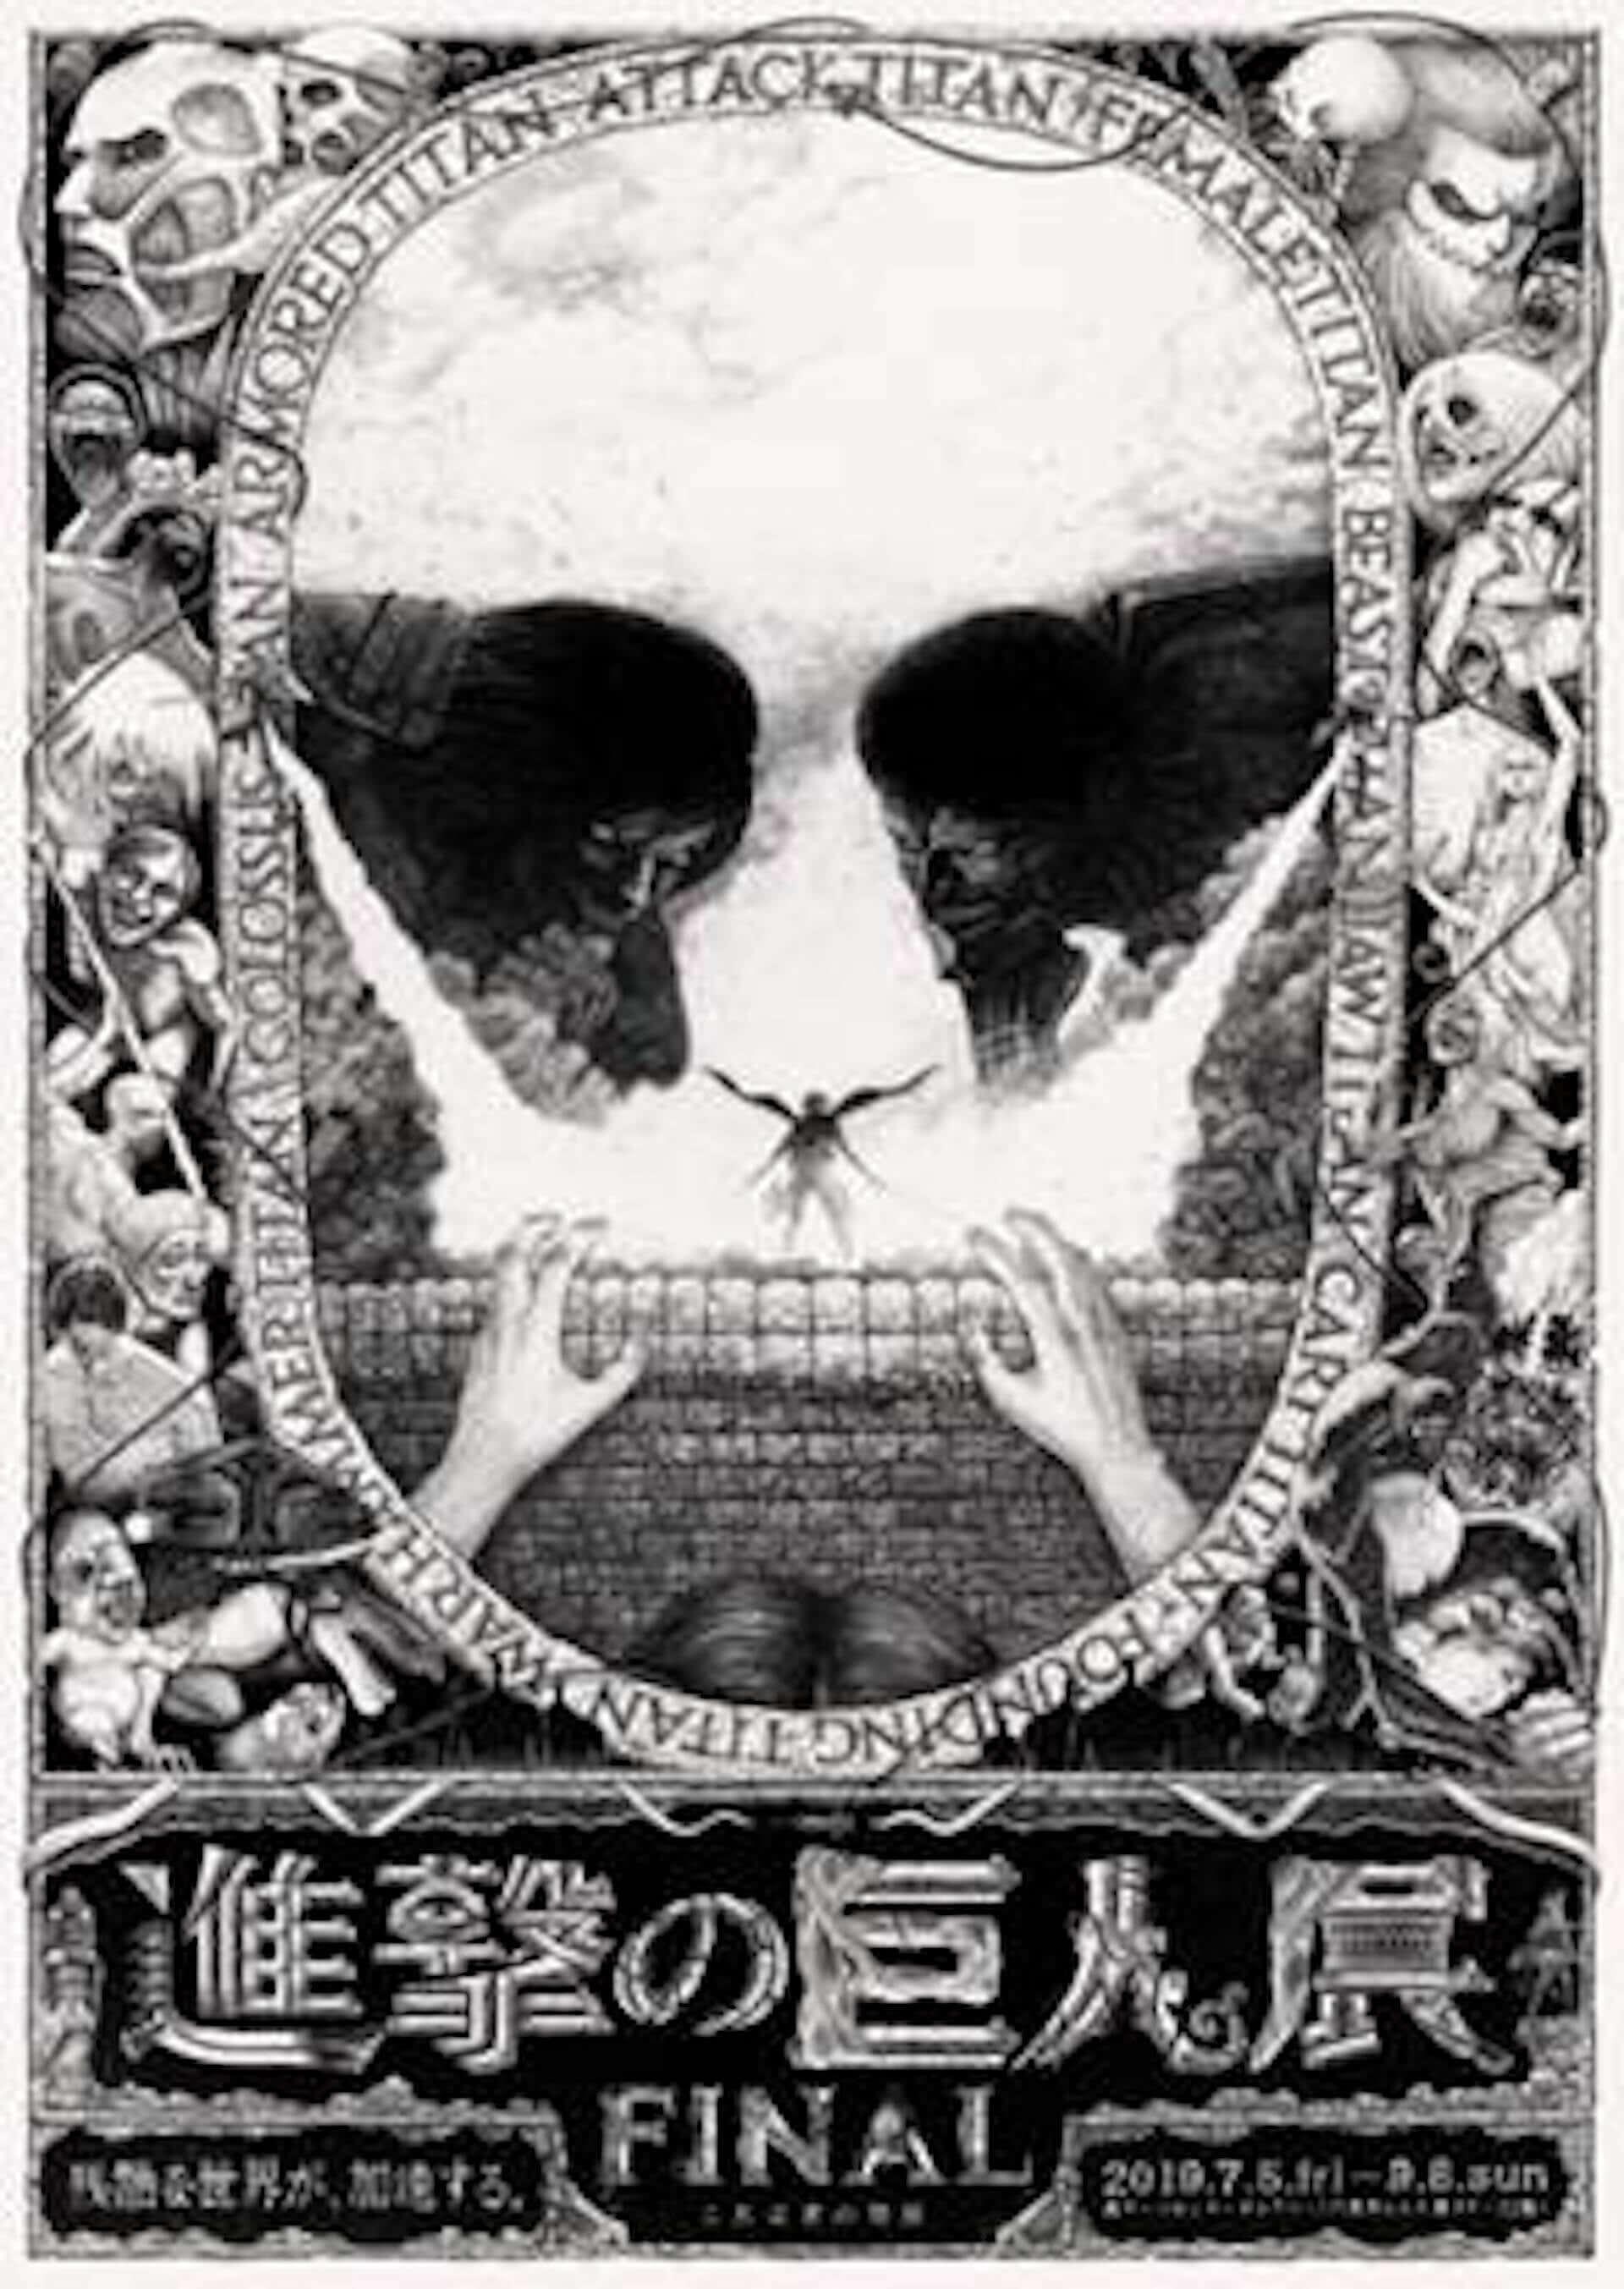 <進撃の巨人展FINAL>まもなく終了!『進撃の巨人』連載10周年記念祭が開催決定|10周年記念ビジュアルも公開 art190903_shingekinokyojin_10_2-1920x2706